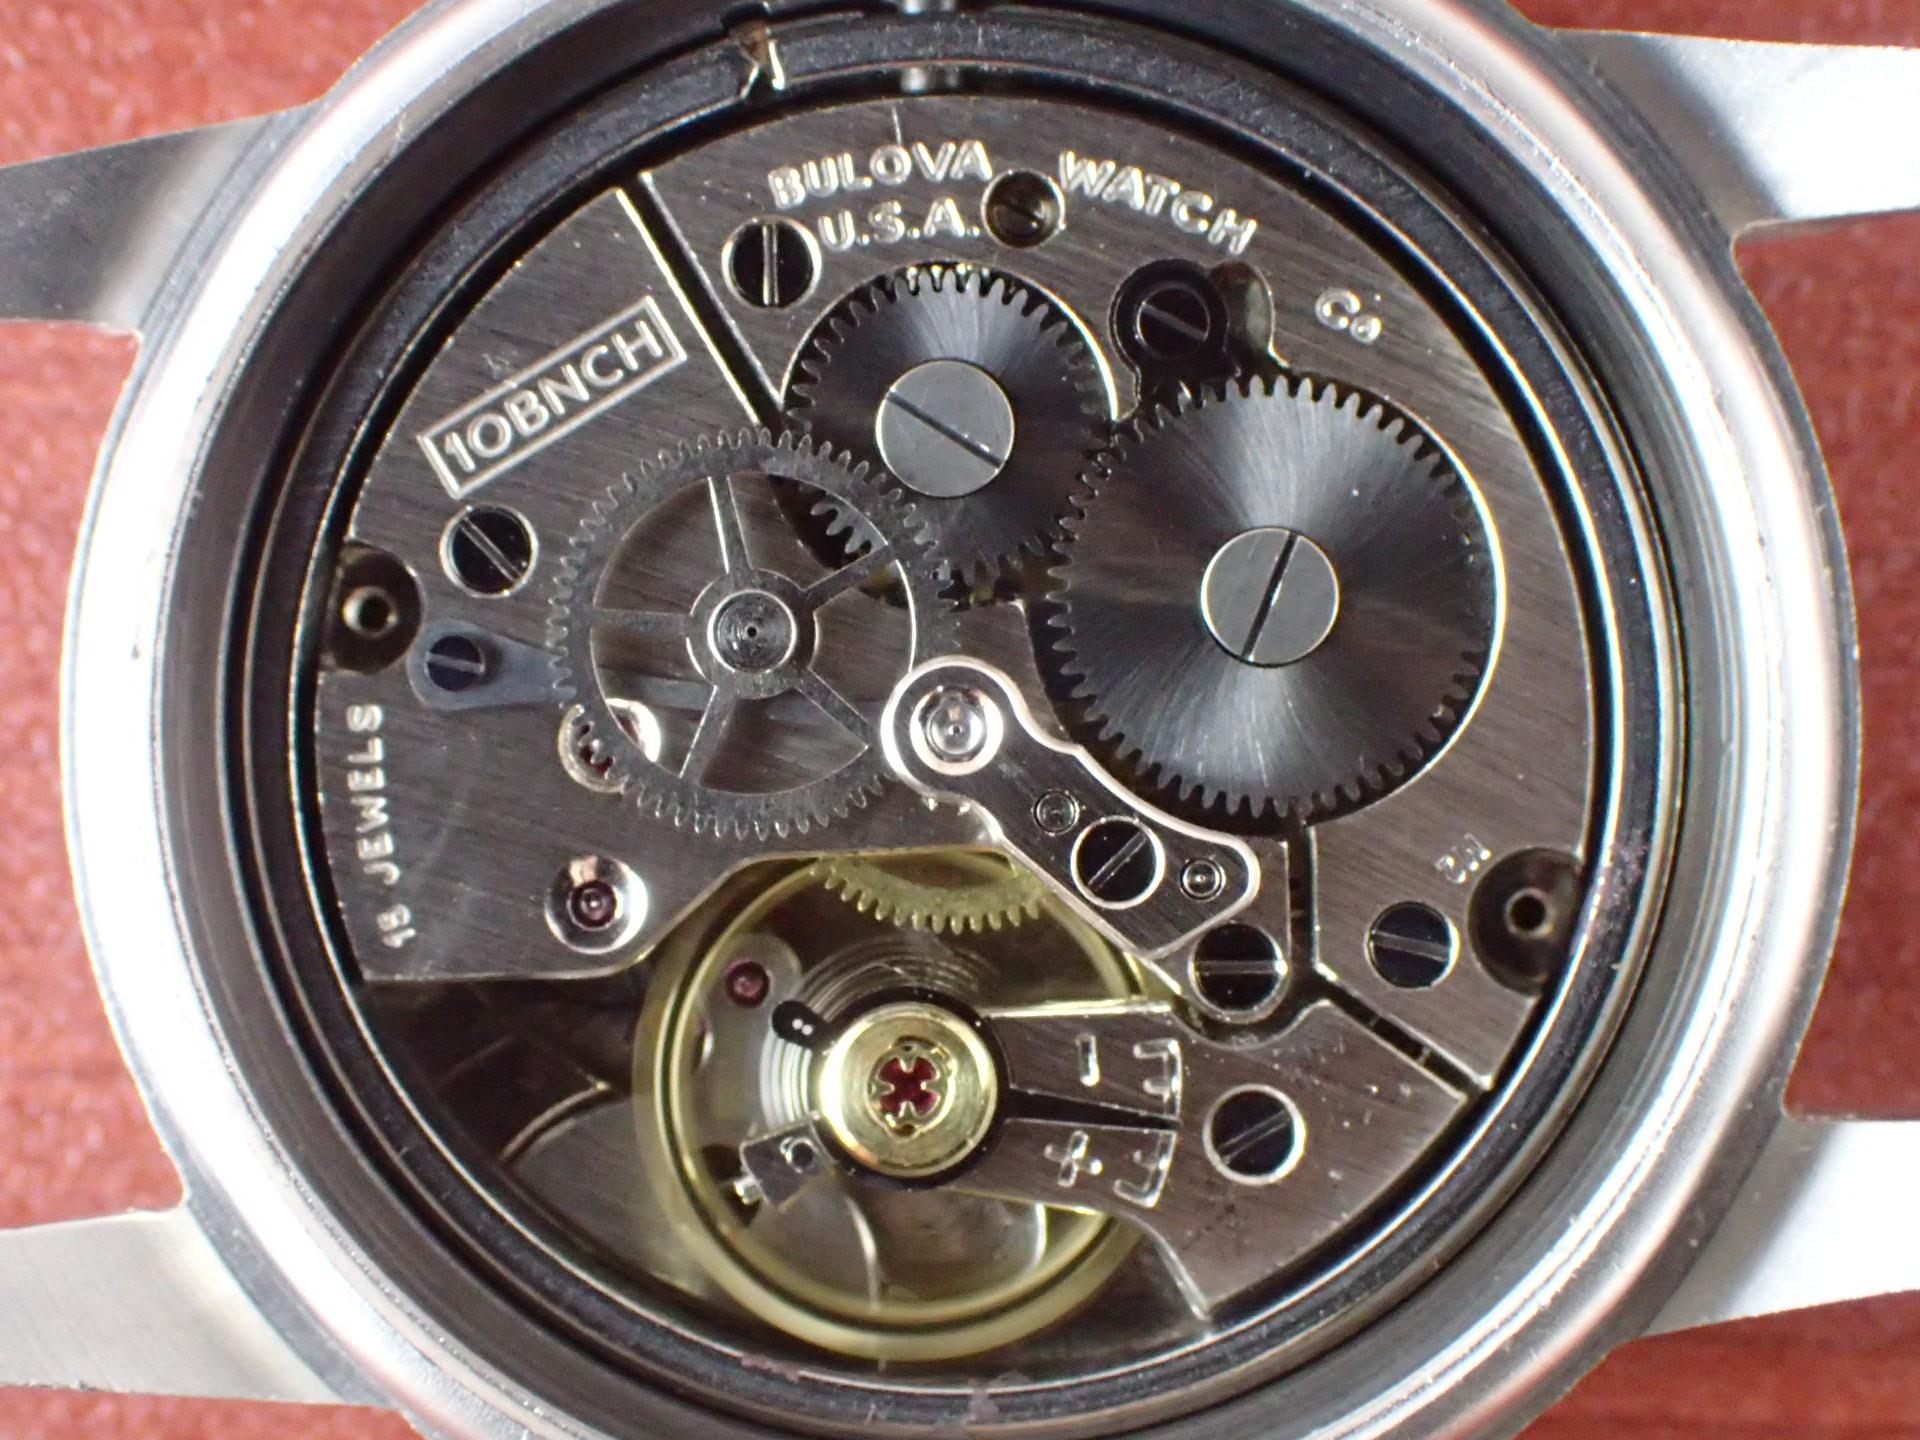 ブローバ 米軍 MIL-W-3818A レアダイアル 1960年代の写真5枚目